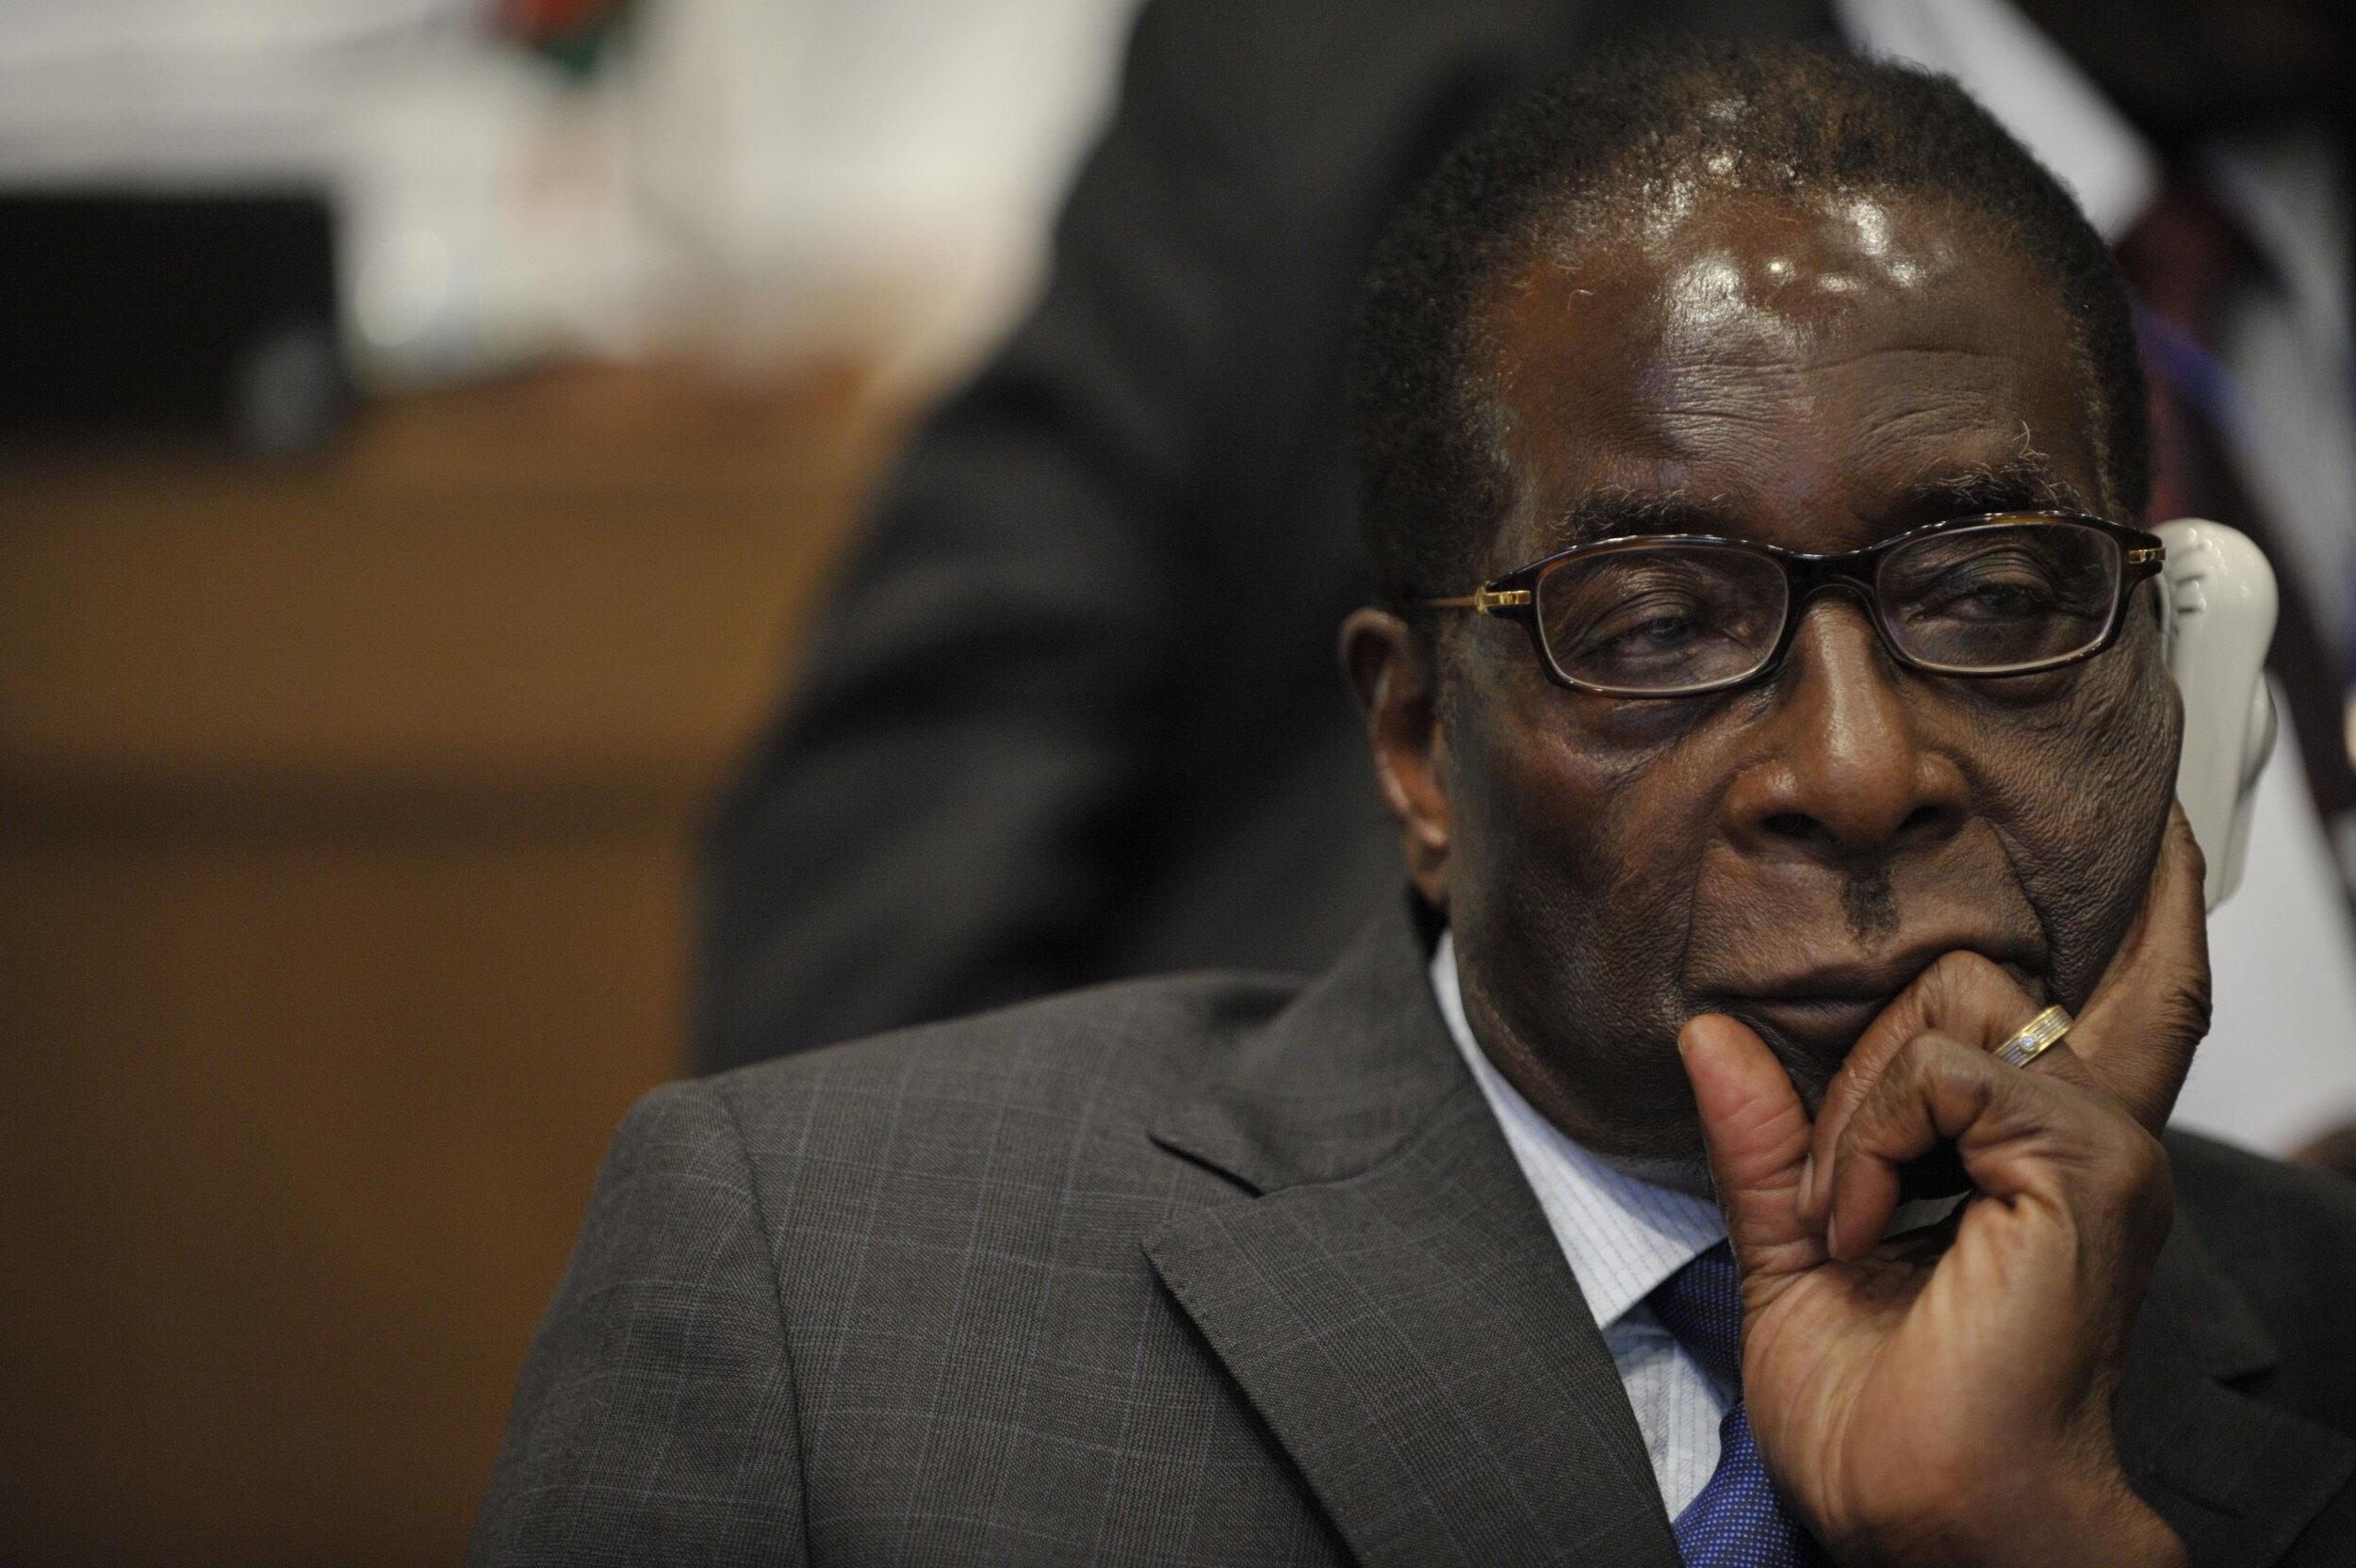 Robert_Mugabe,_12th_AU_Summit,_090202-N-0506A-411.jpg